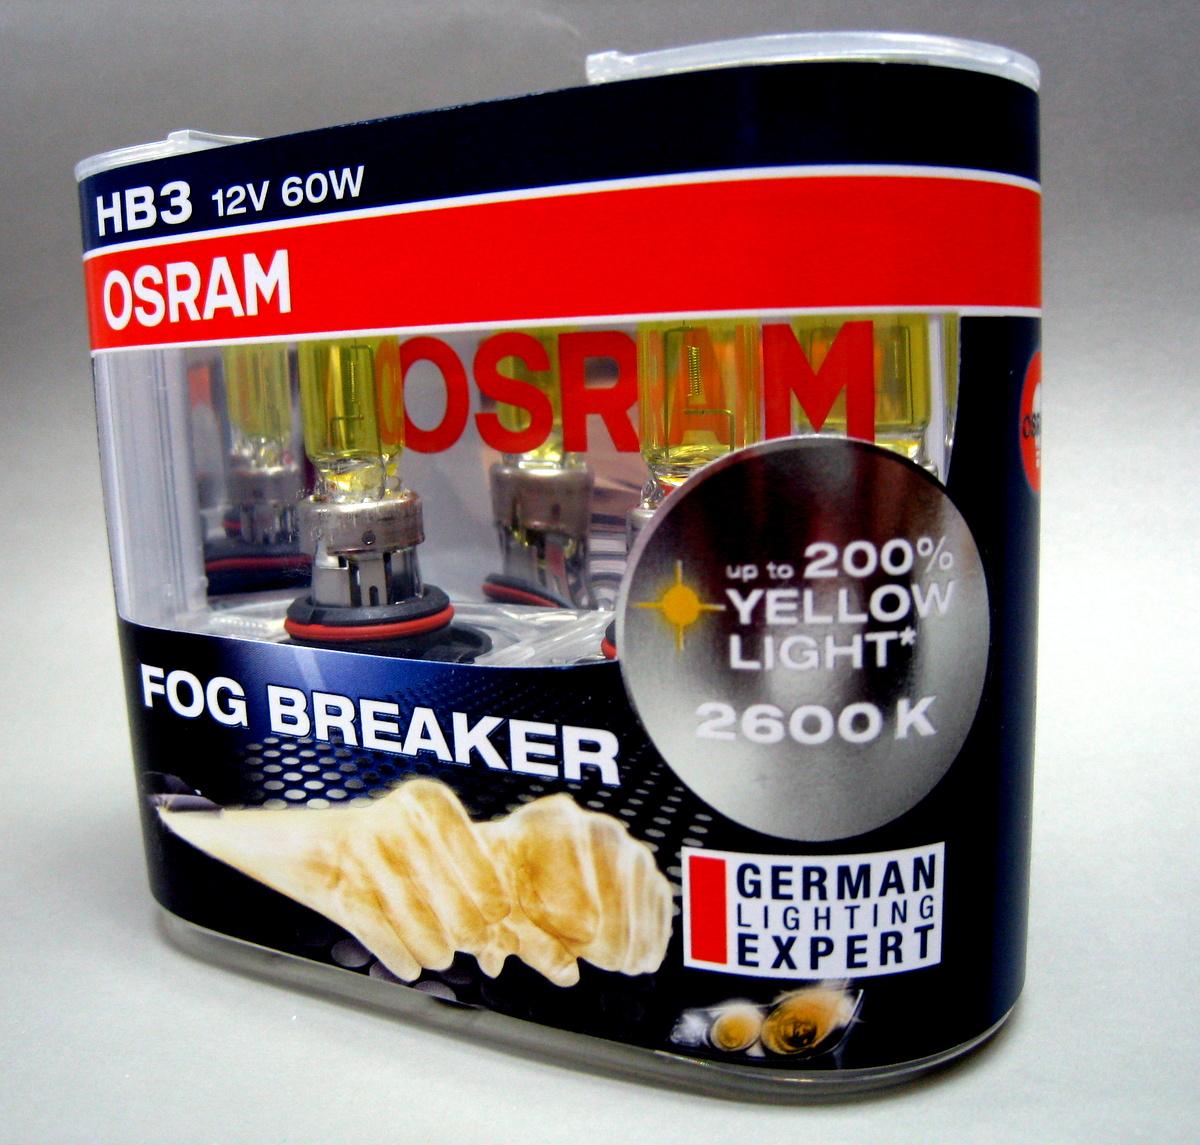 hb3 9005 osram 12v 60w fog breaker 2600k yellow globes. Black Bedroom Furniture Sets. Home Design Ideas